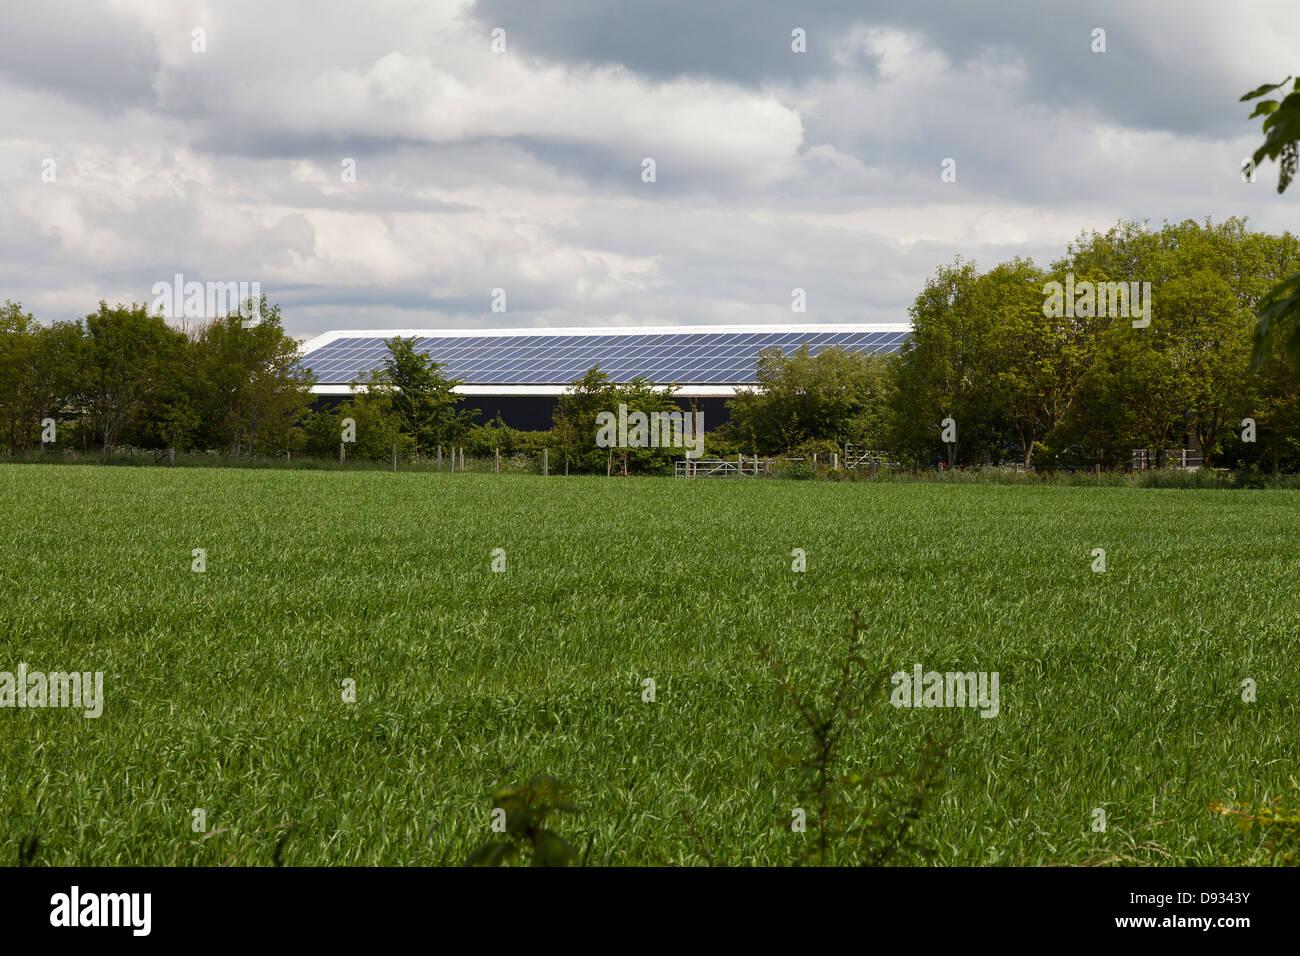 Paneles solares en granja grande edificio Hampshire UK Imagen De Stock